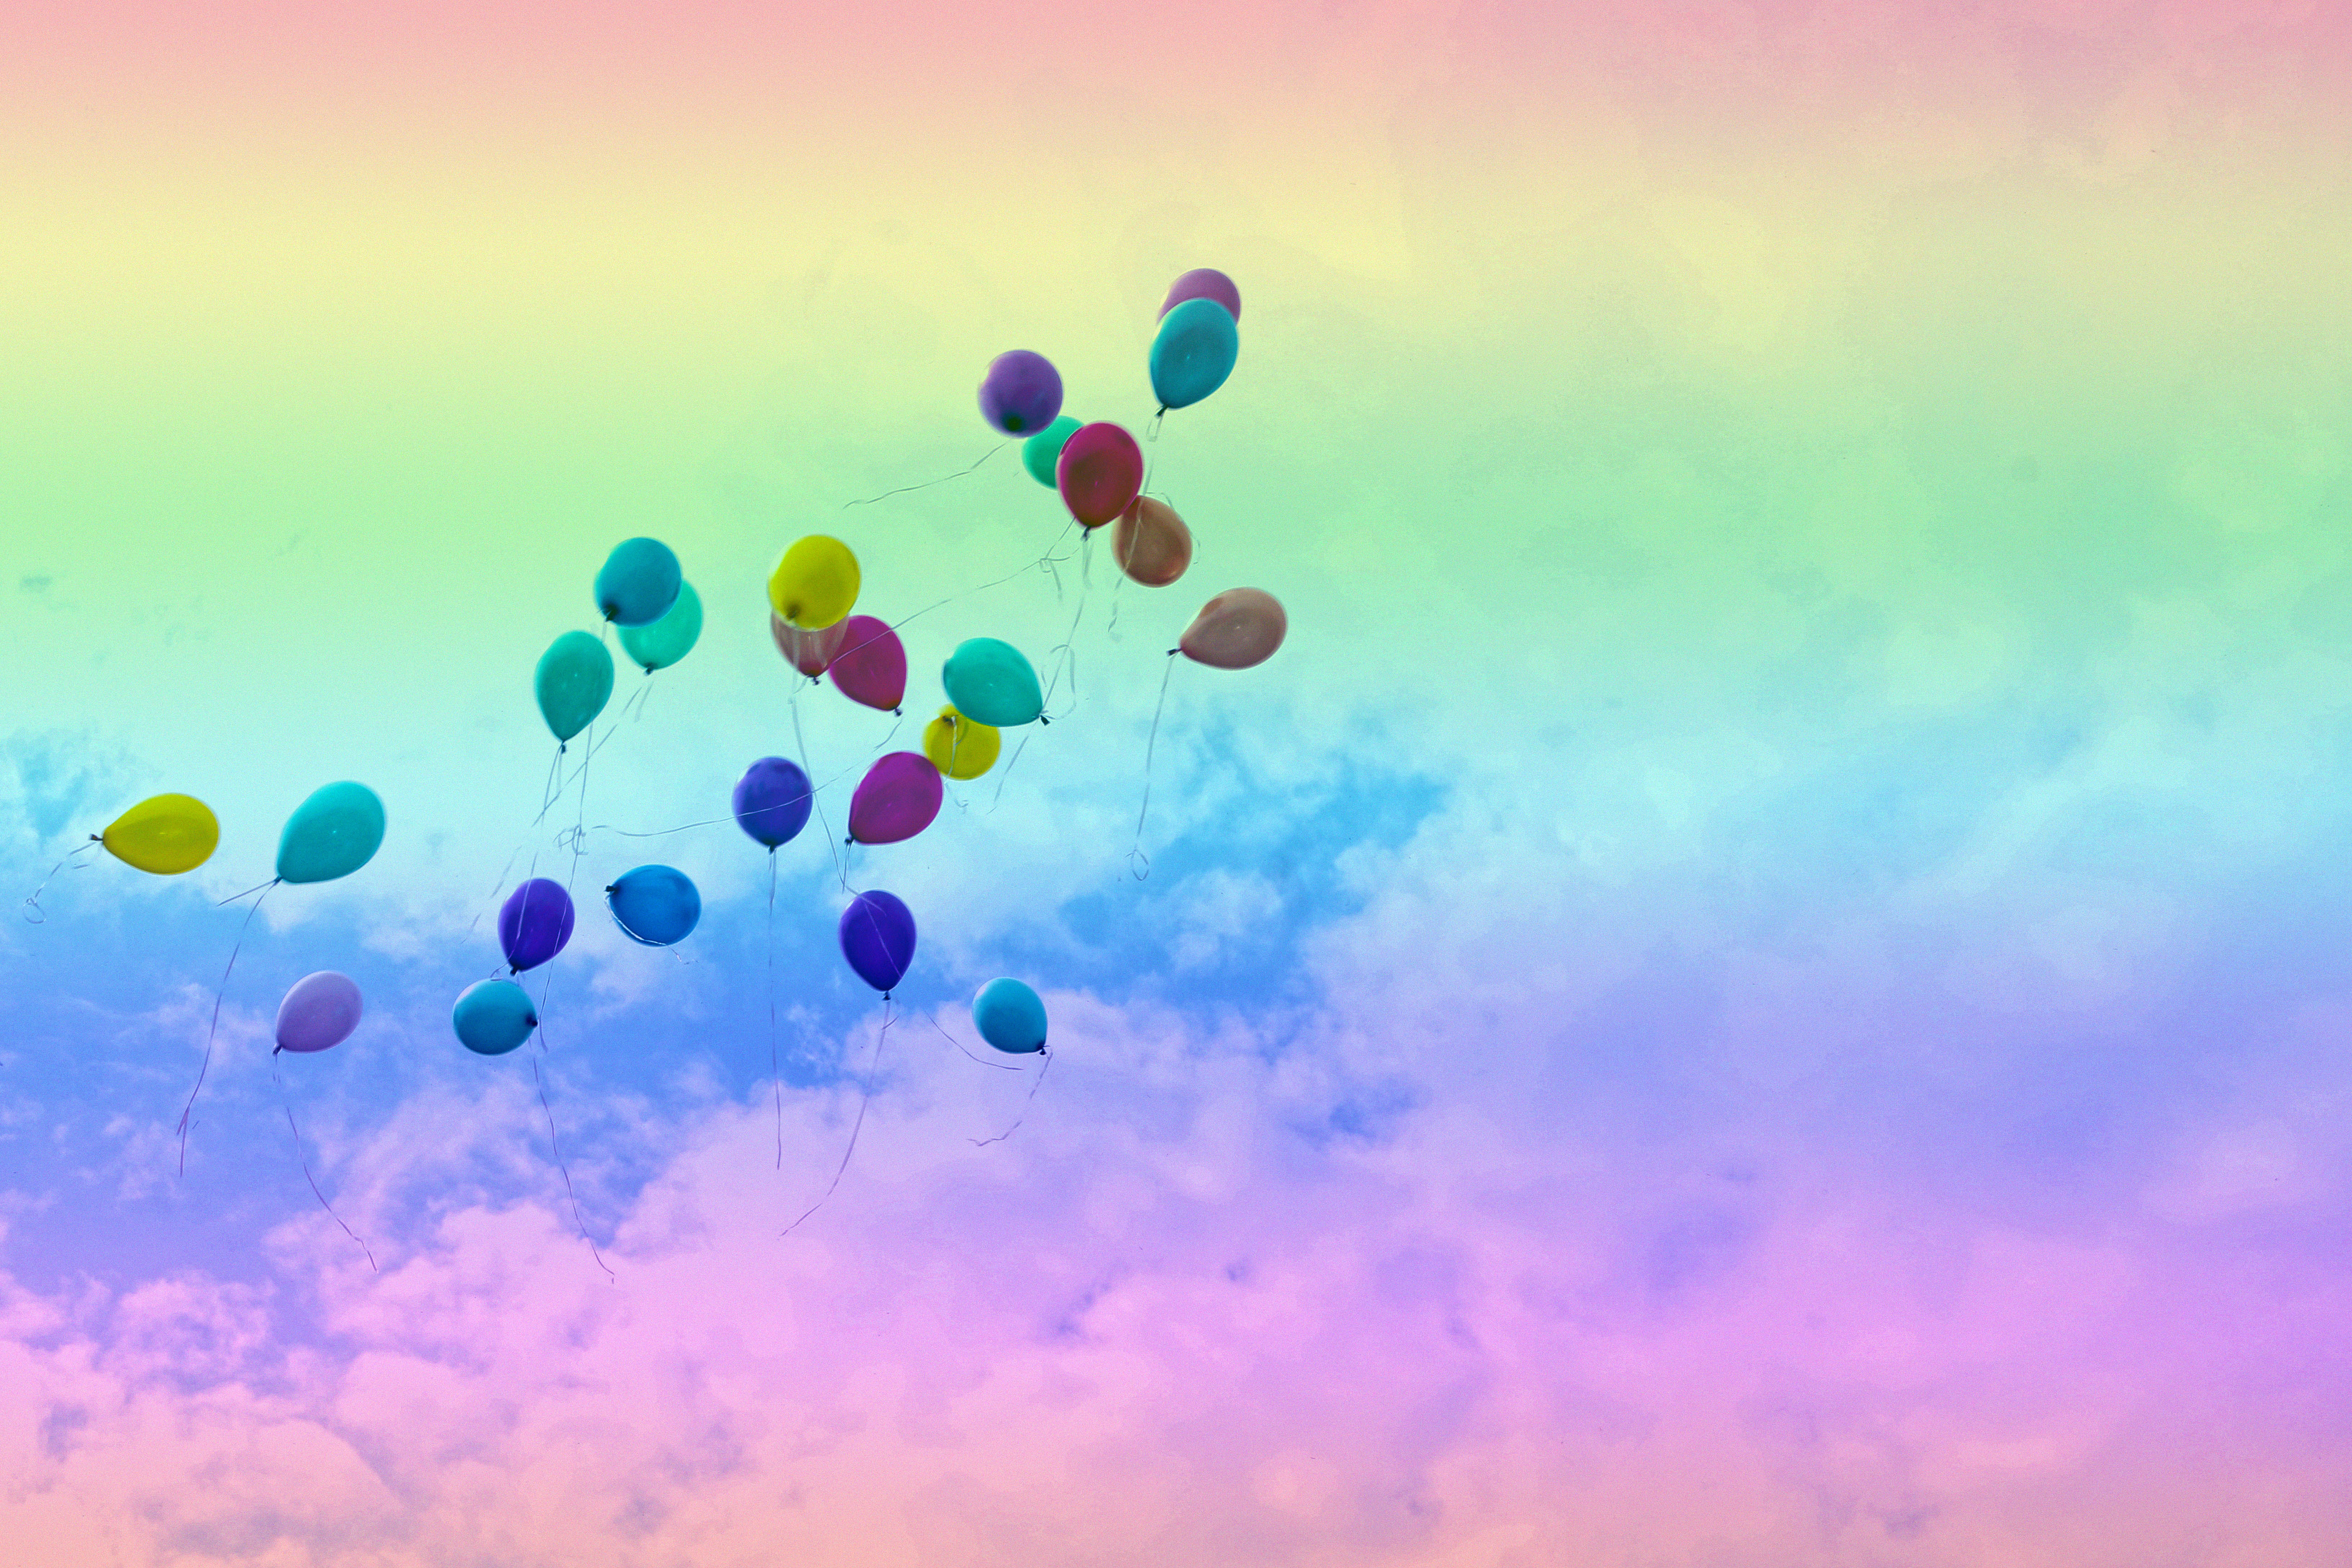 шары небо  № 3923326 бесплатно